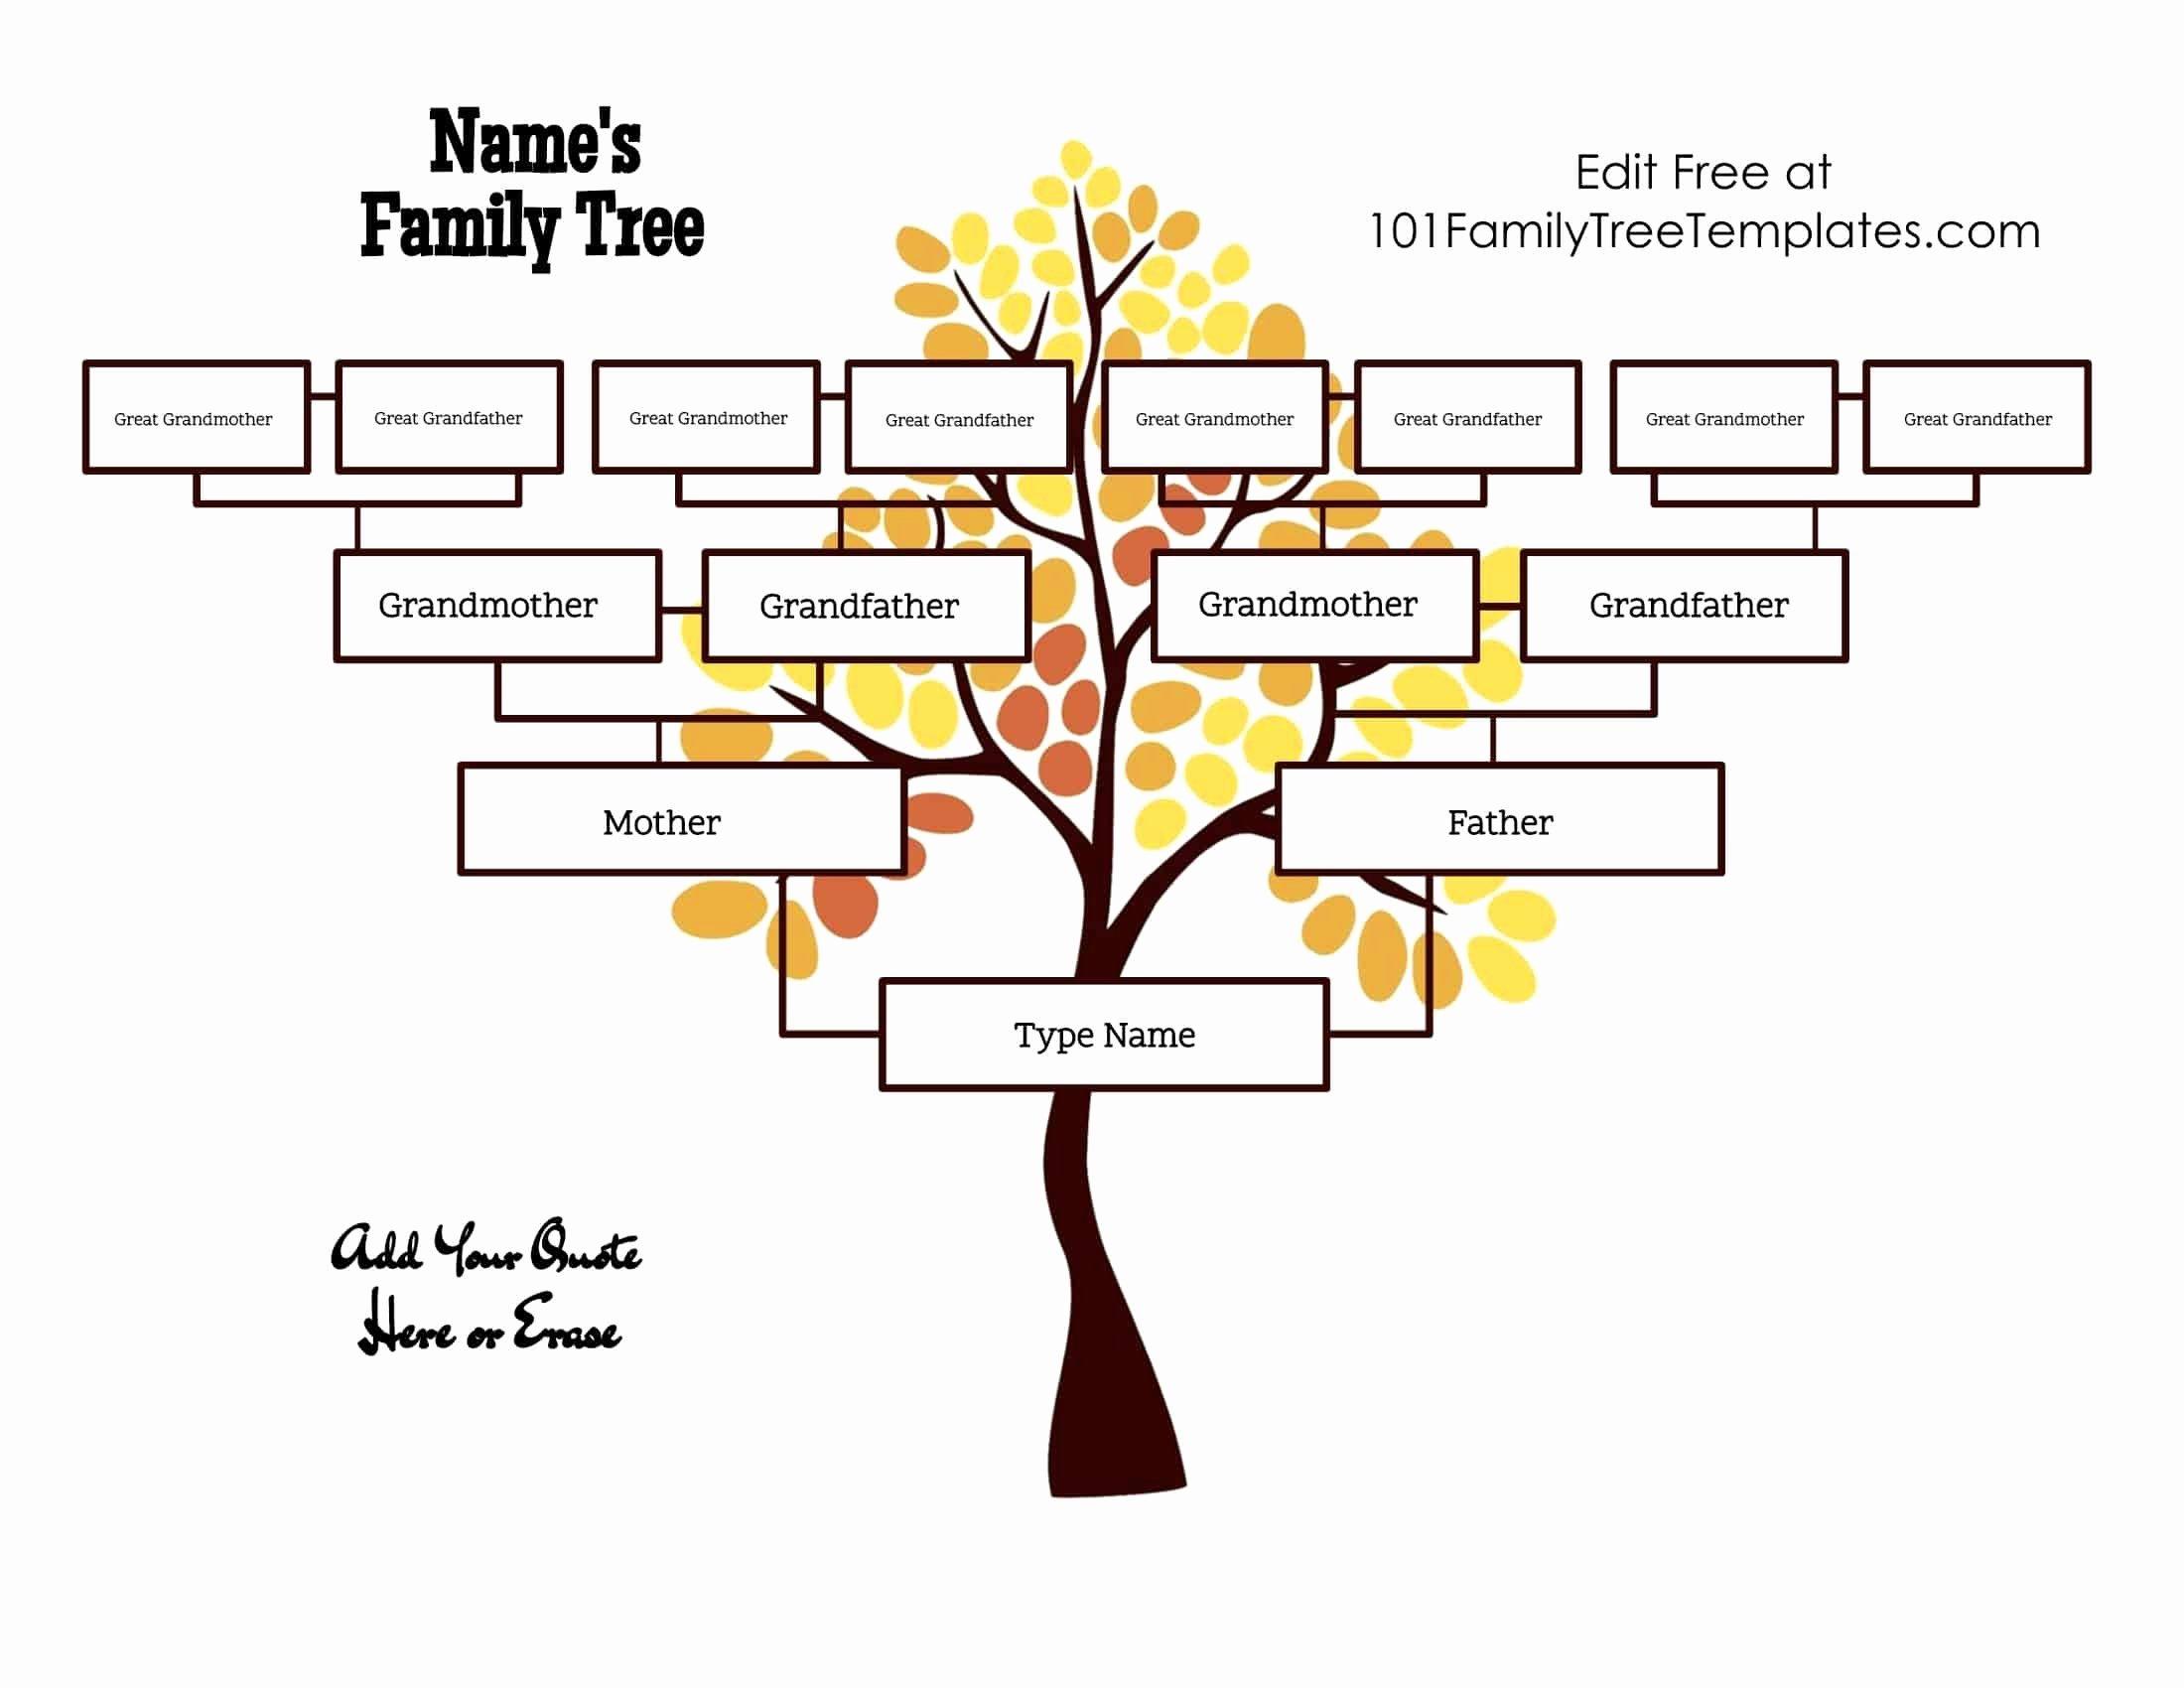 Kindergarten Family Tree Template Lovely 4 Generation Family Tree Template Free to Customize & Print